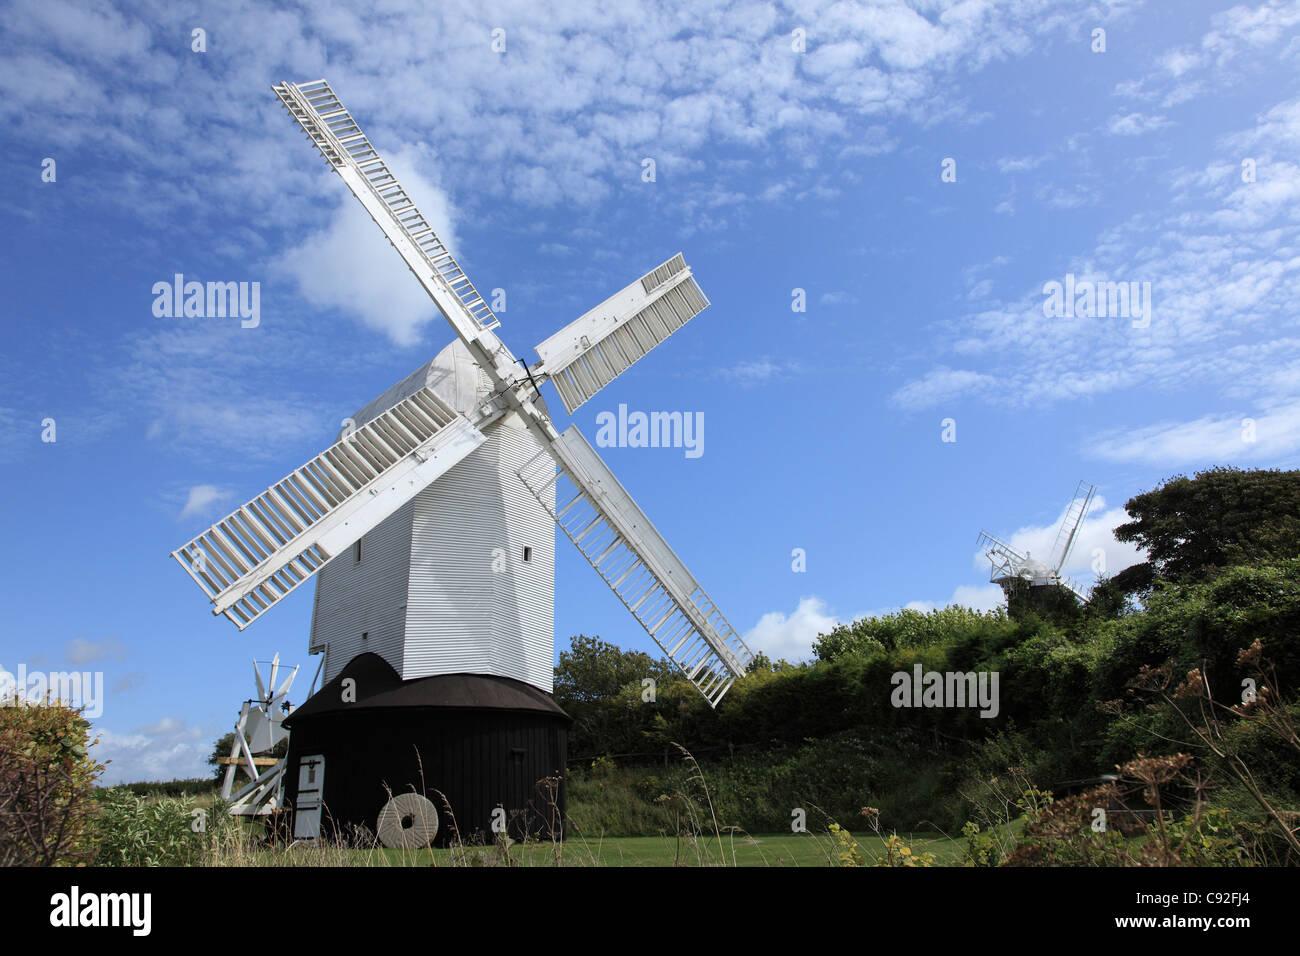 Es gibt mehrere historische Windmühlen in der Sussex Downs. Stockbild